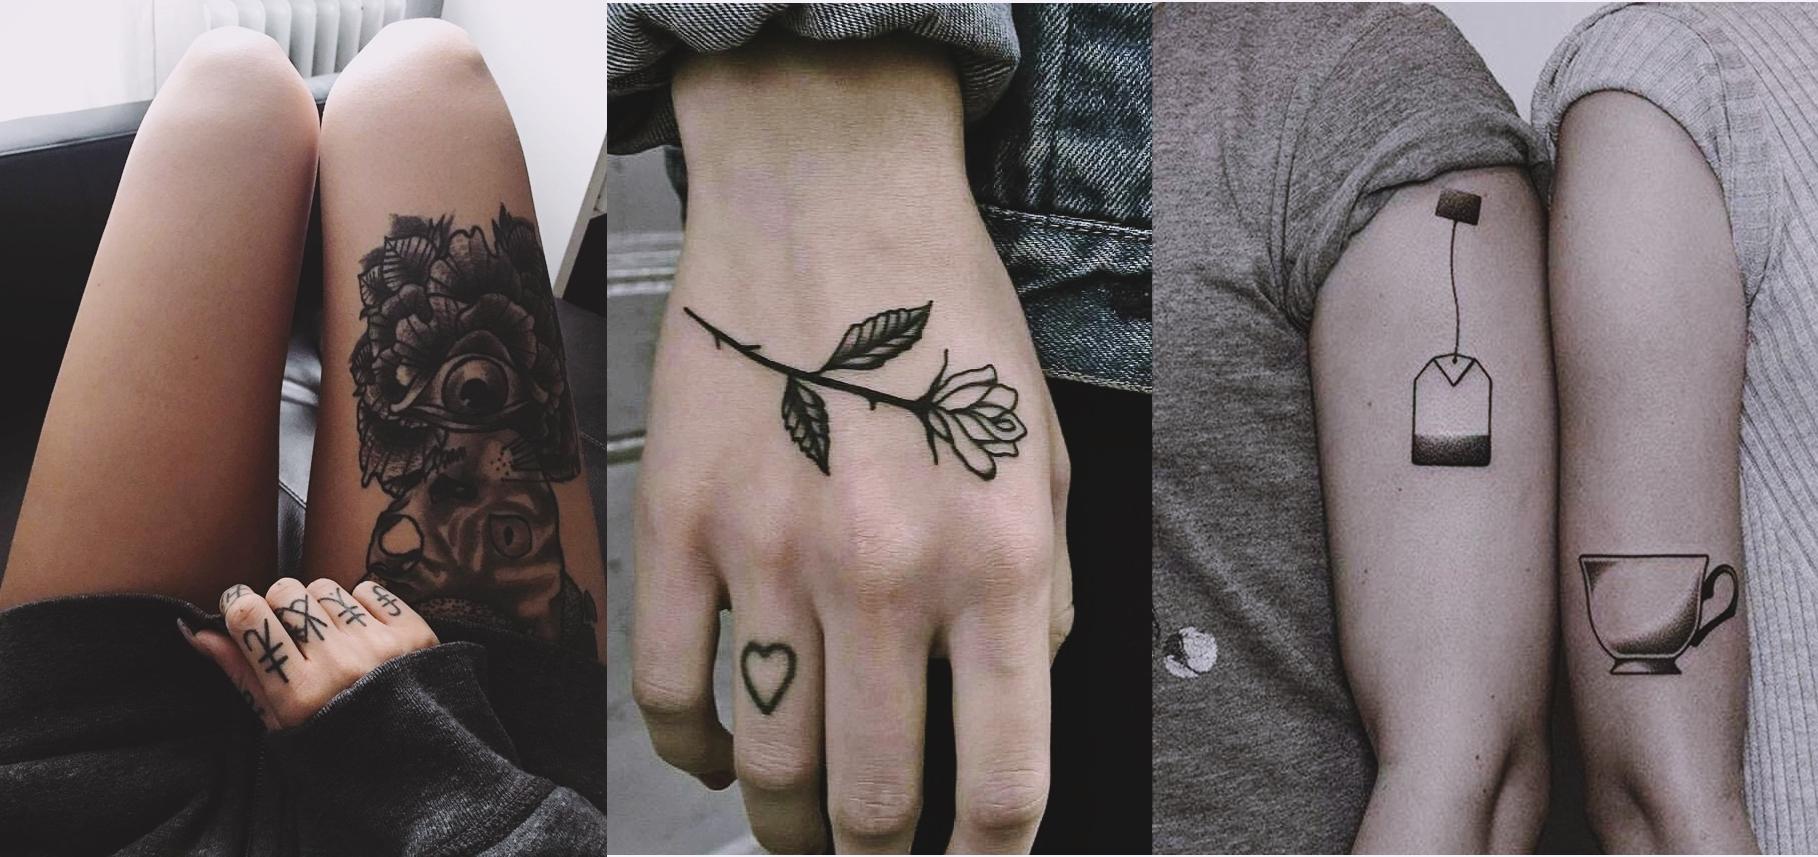 tetovanie na nohu